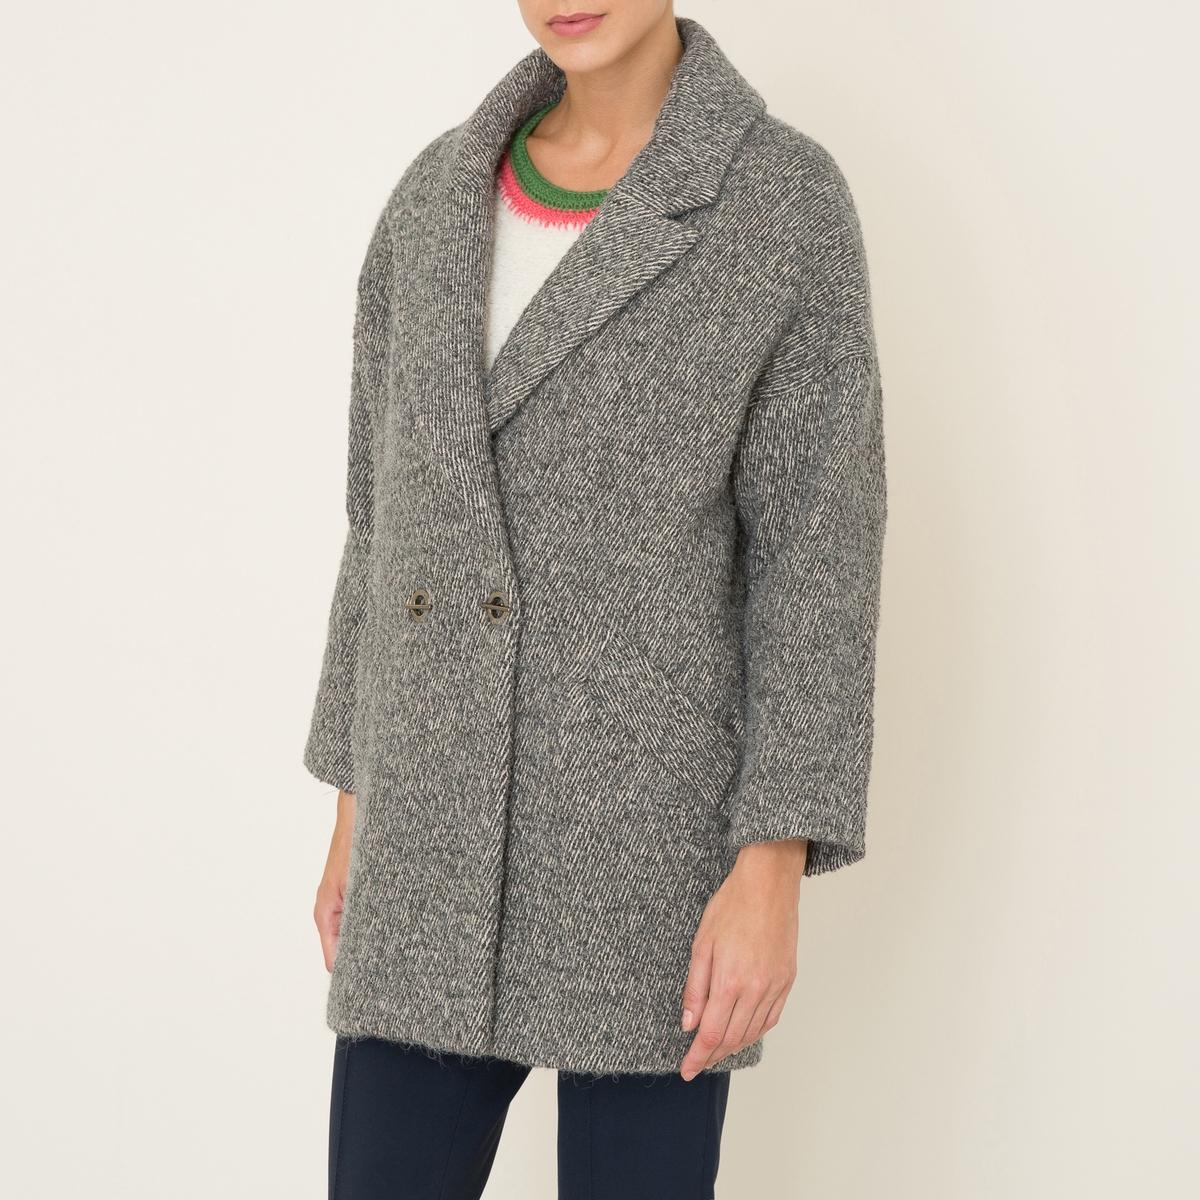 Пальто длинное MINGДлинное пальто BA&amp;SH - модель MING, покрой оверсайз, с запахом. Приспущенные плечи. Костюмный зубчатый воротник с запахом, застежка на 2 пуговицы. Прямые длинные рукава. 2 прорезных кармана спереди. Шлица сзади. На подкладке. Состав и описание    Материал : 38% полиакрила, 26% полиэстера, 22% шерсти, 14% альпаки   Подкладка  55% полиэстера, 45% вискозы   Подкладка карманов 100% хлопок   Марка : BA&amp;SH<br><br>Цвет: серый меланж